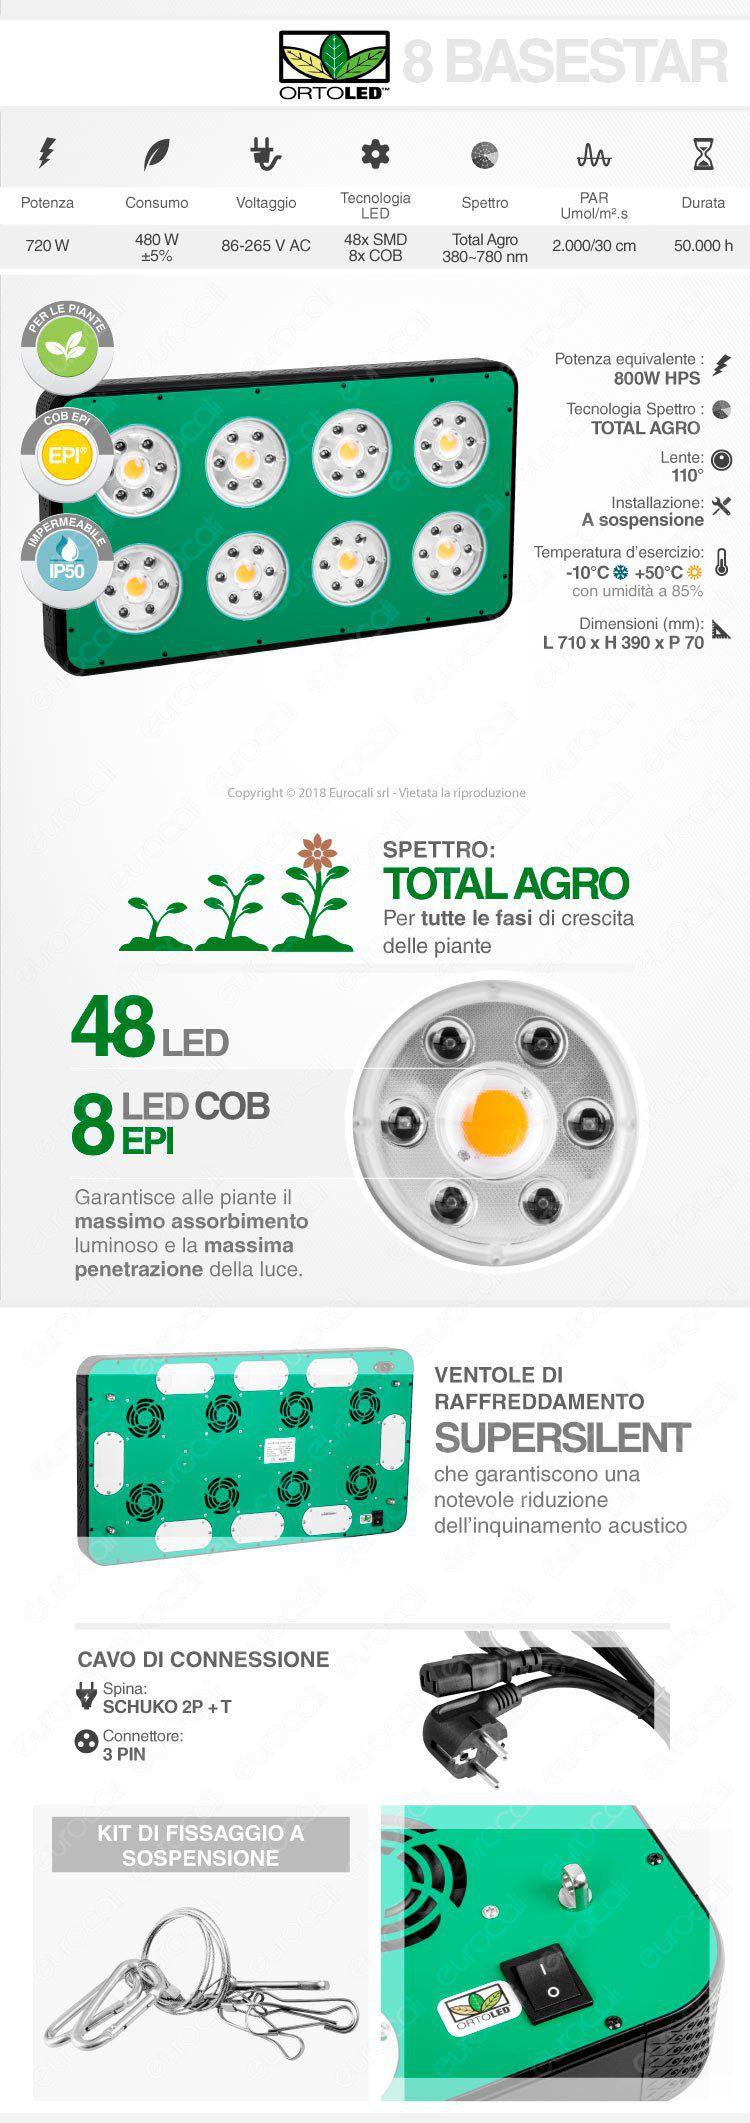 Lampada LED 720W per Coltivazione Indoor Consumo Reale 480W Ortoled Basestar Total Agro